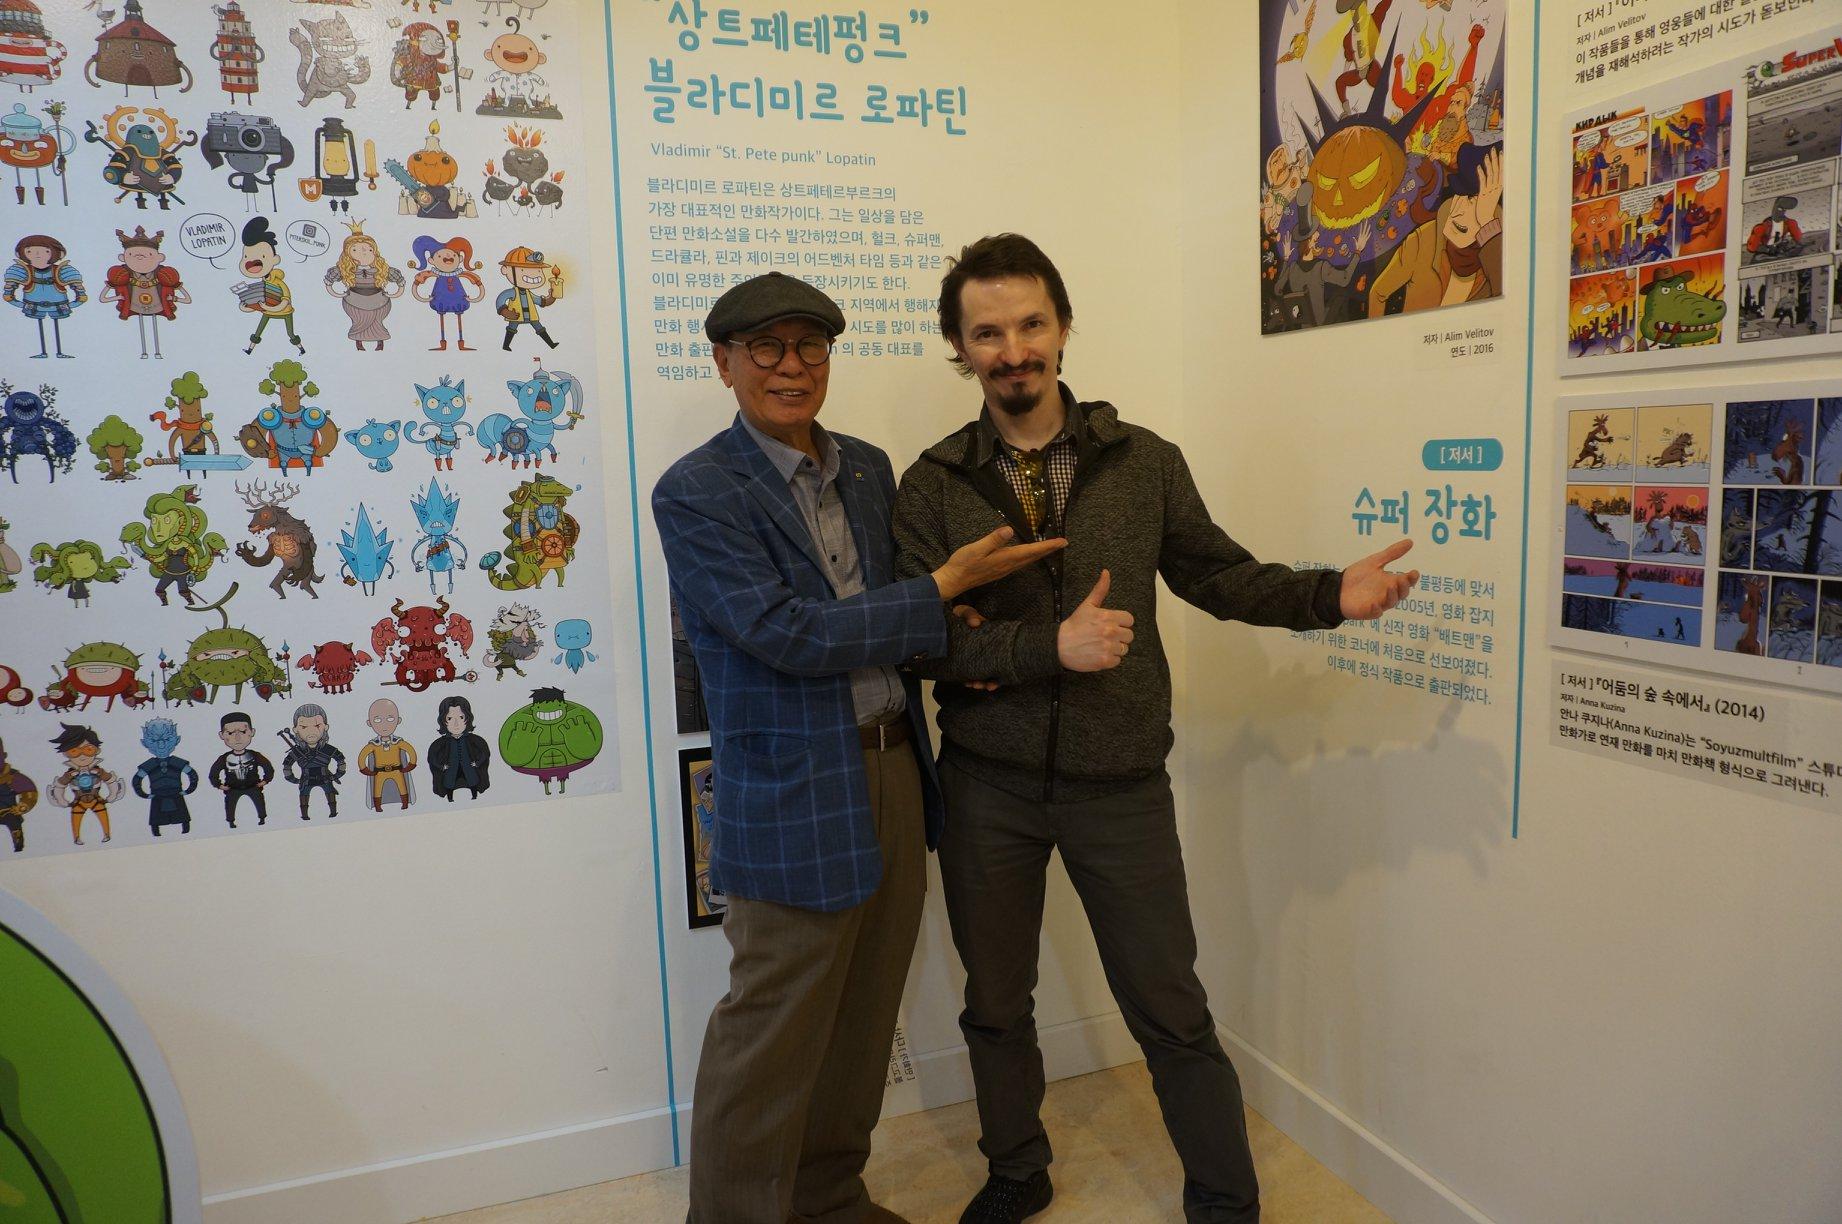 Библиотека для молодежи представила в Сеуле Экспозицию, посвященную рисованным историям